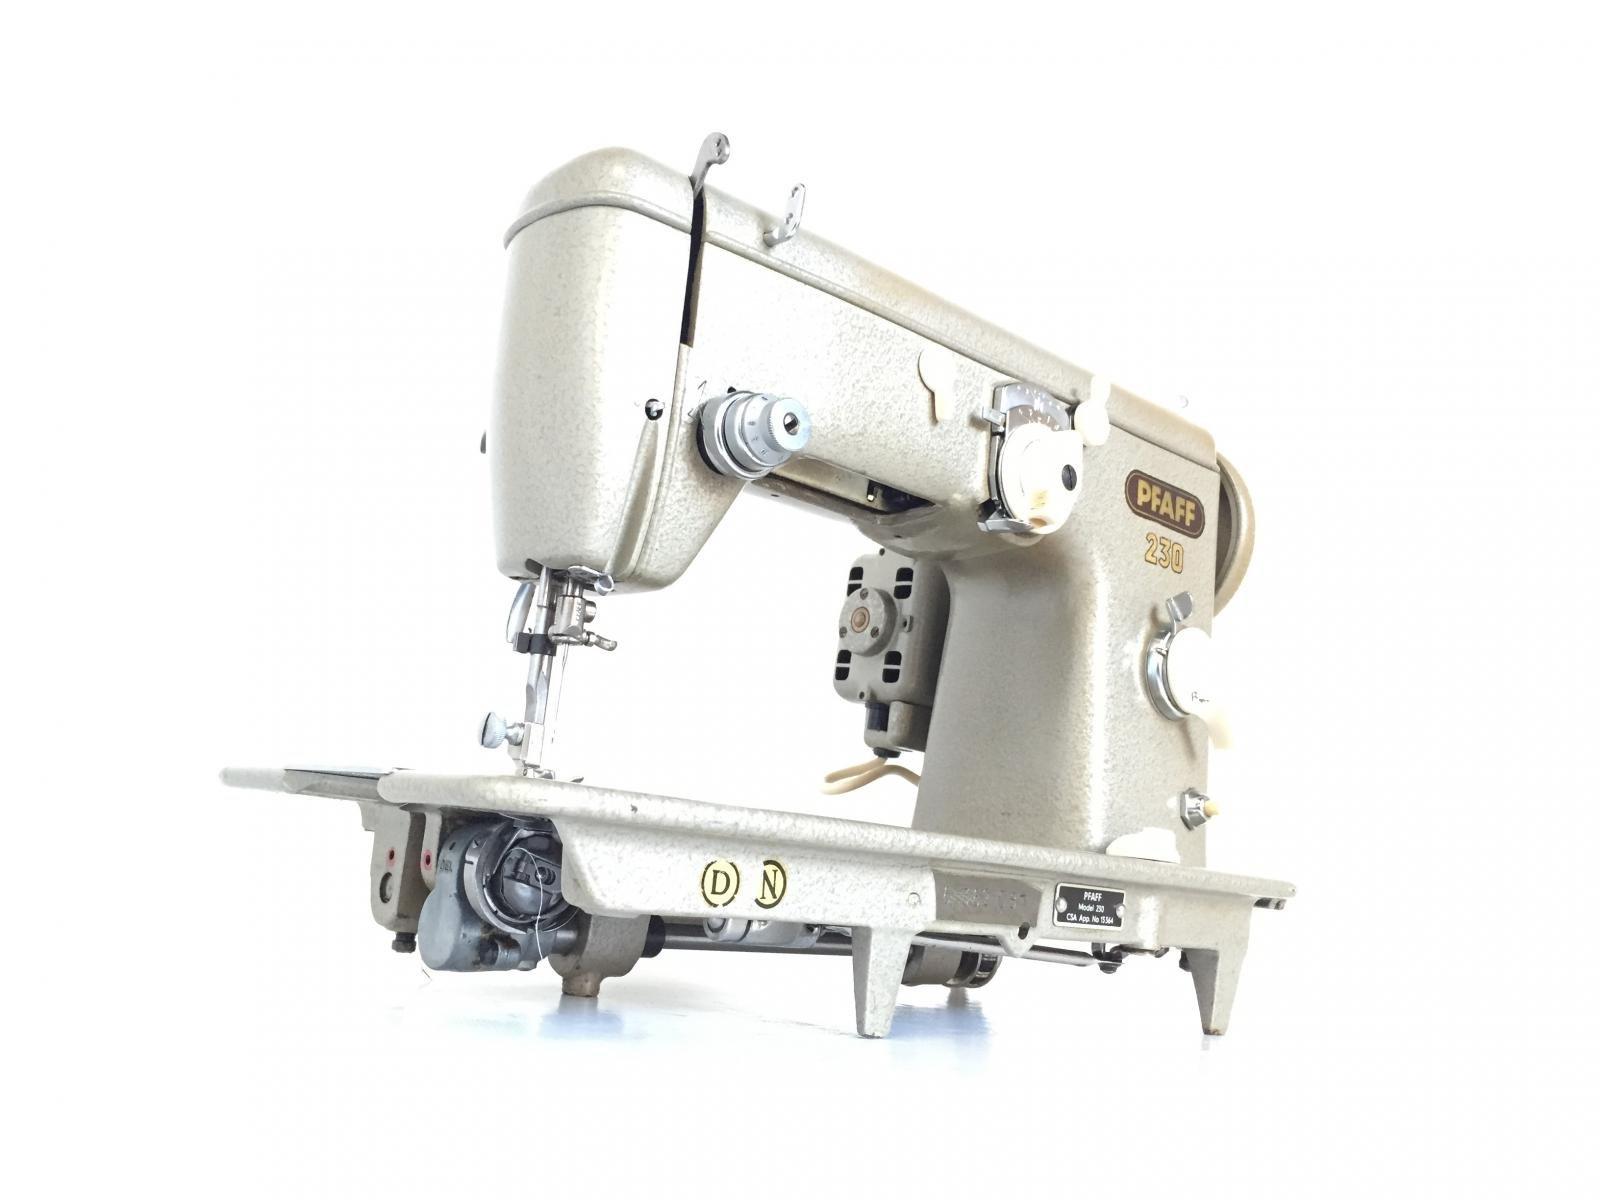 walking foot sewing machine ebay